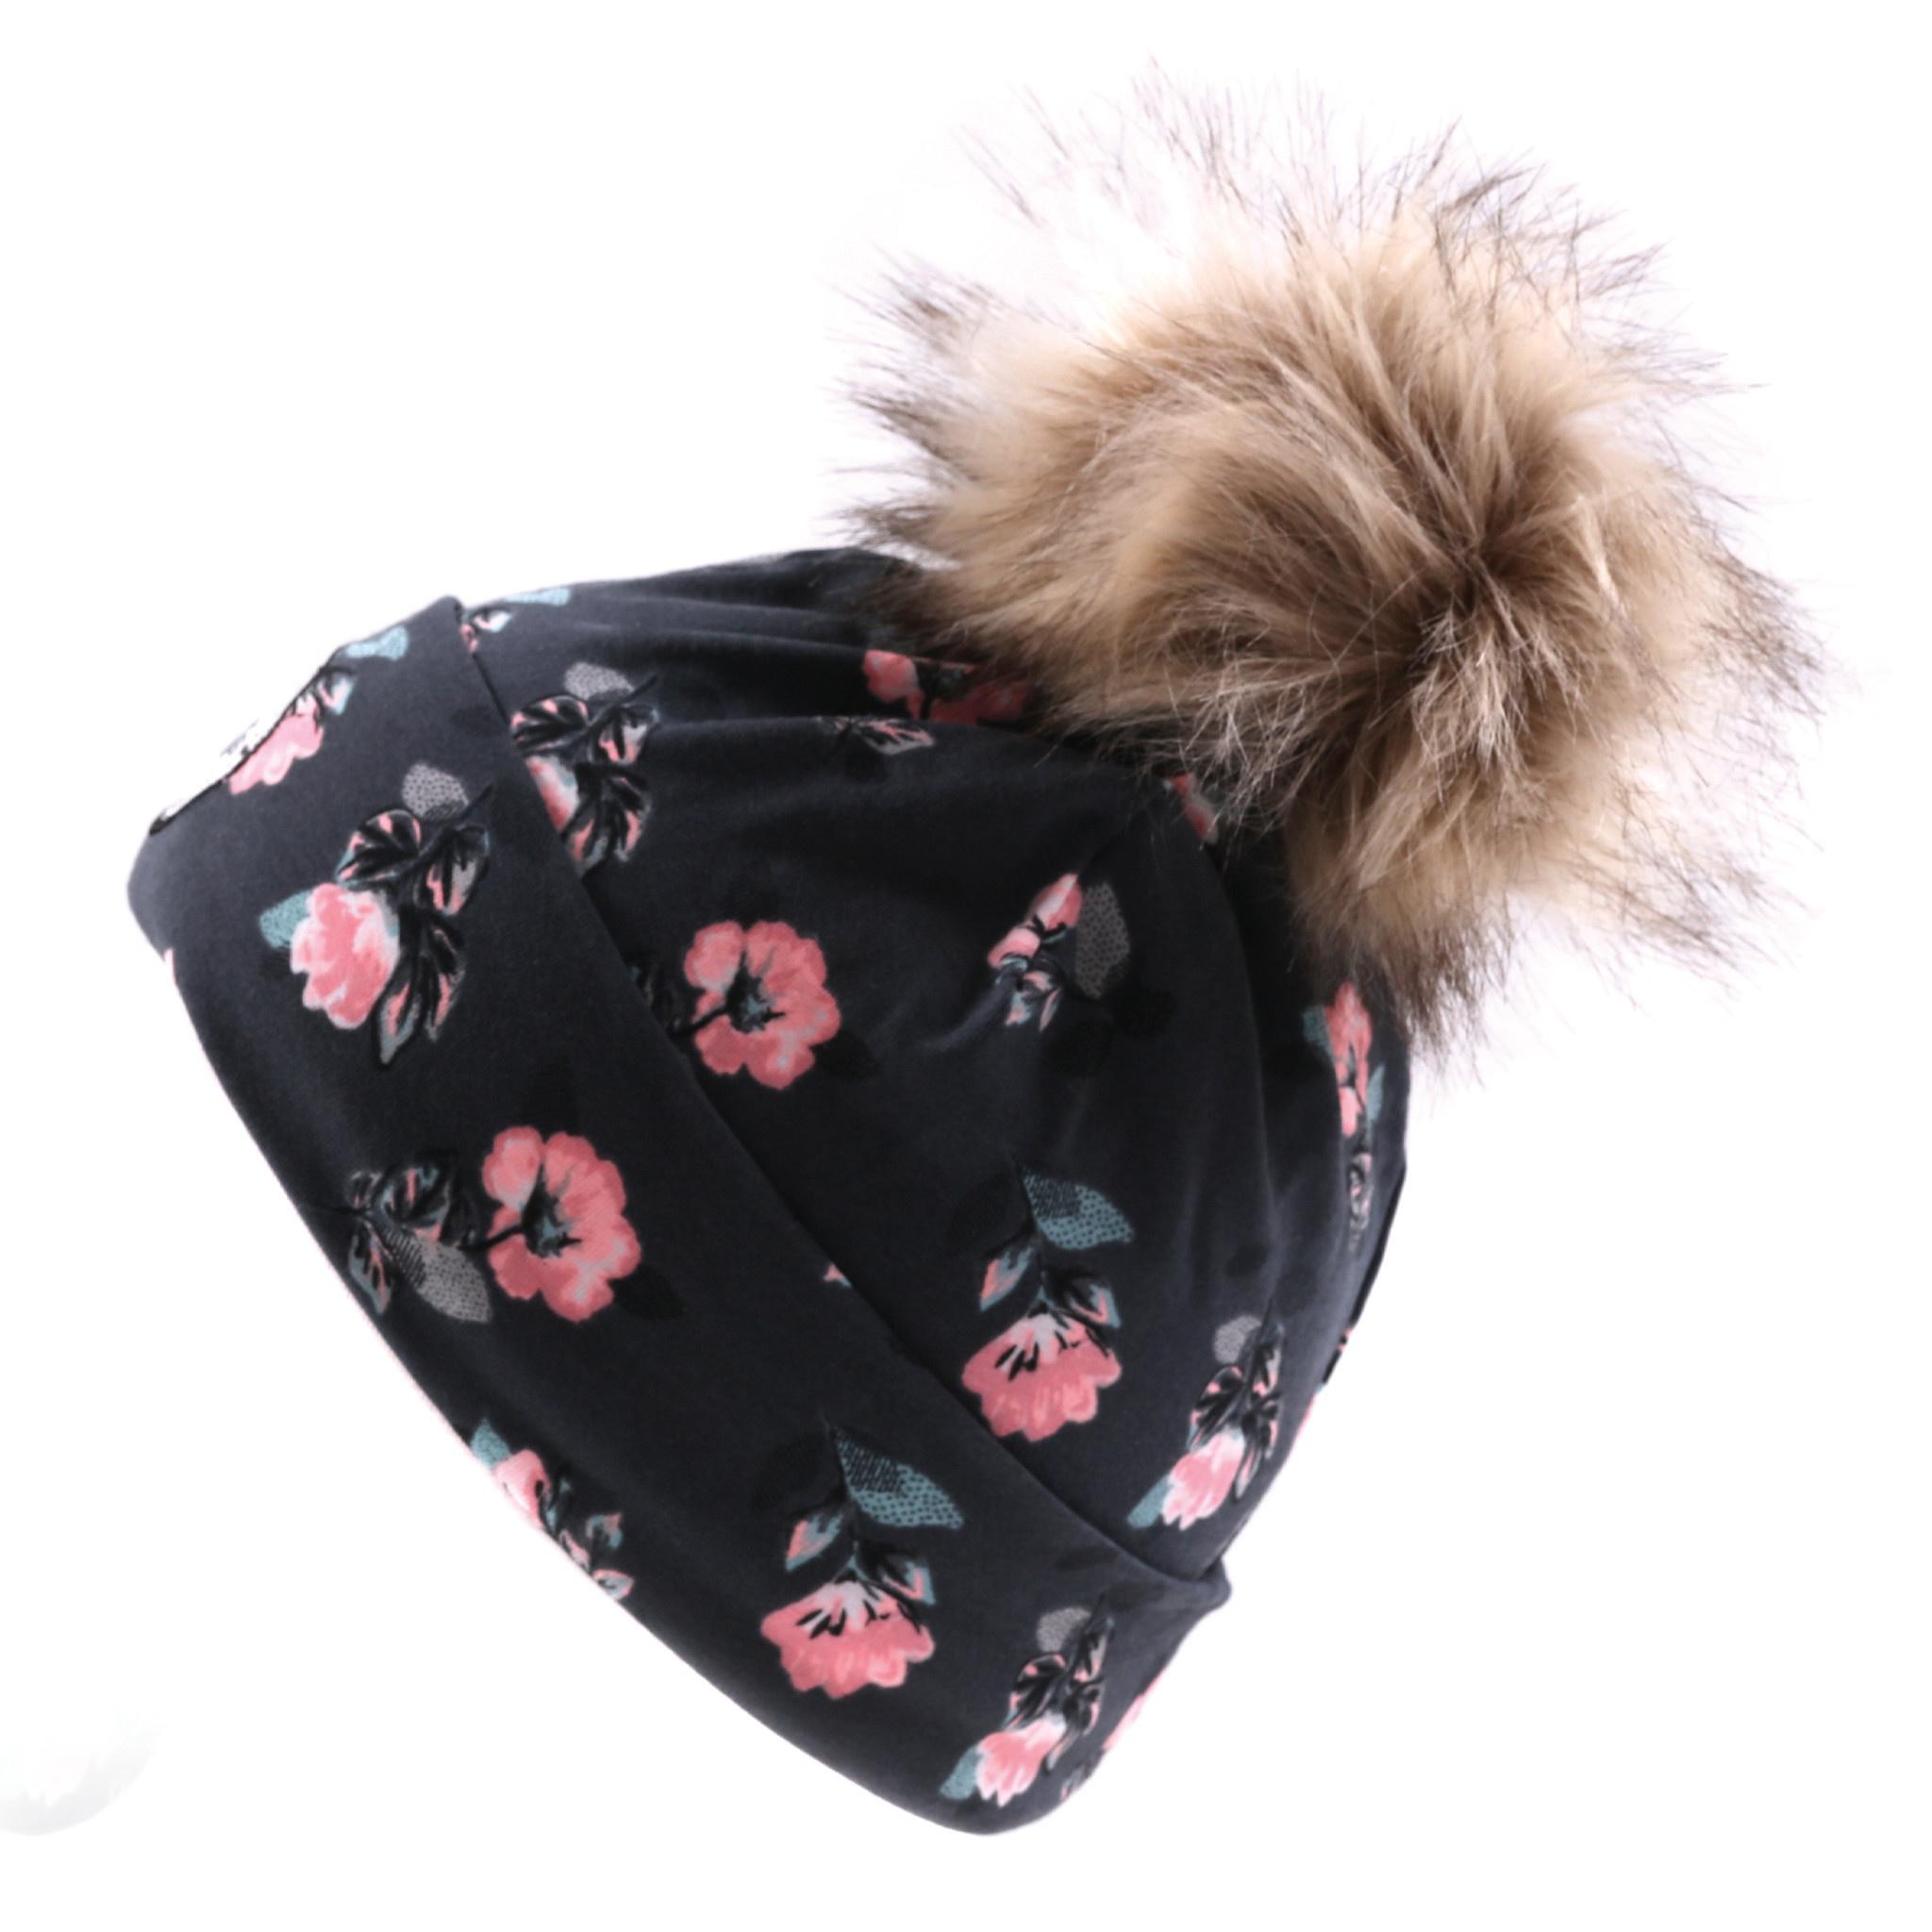 Tuque en jersey Charcoal Fleurs-3